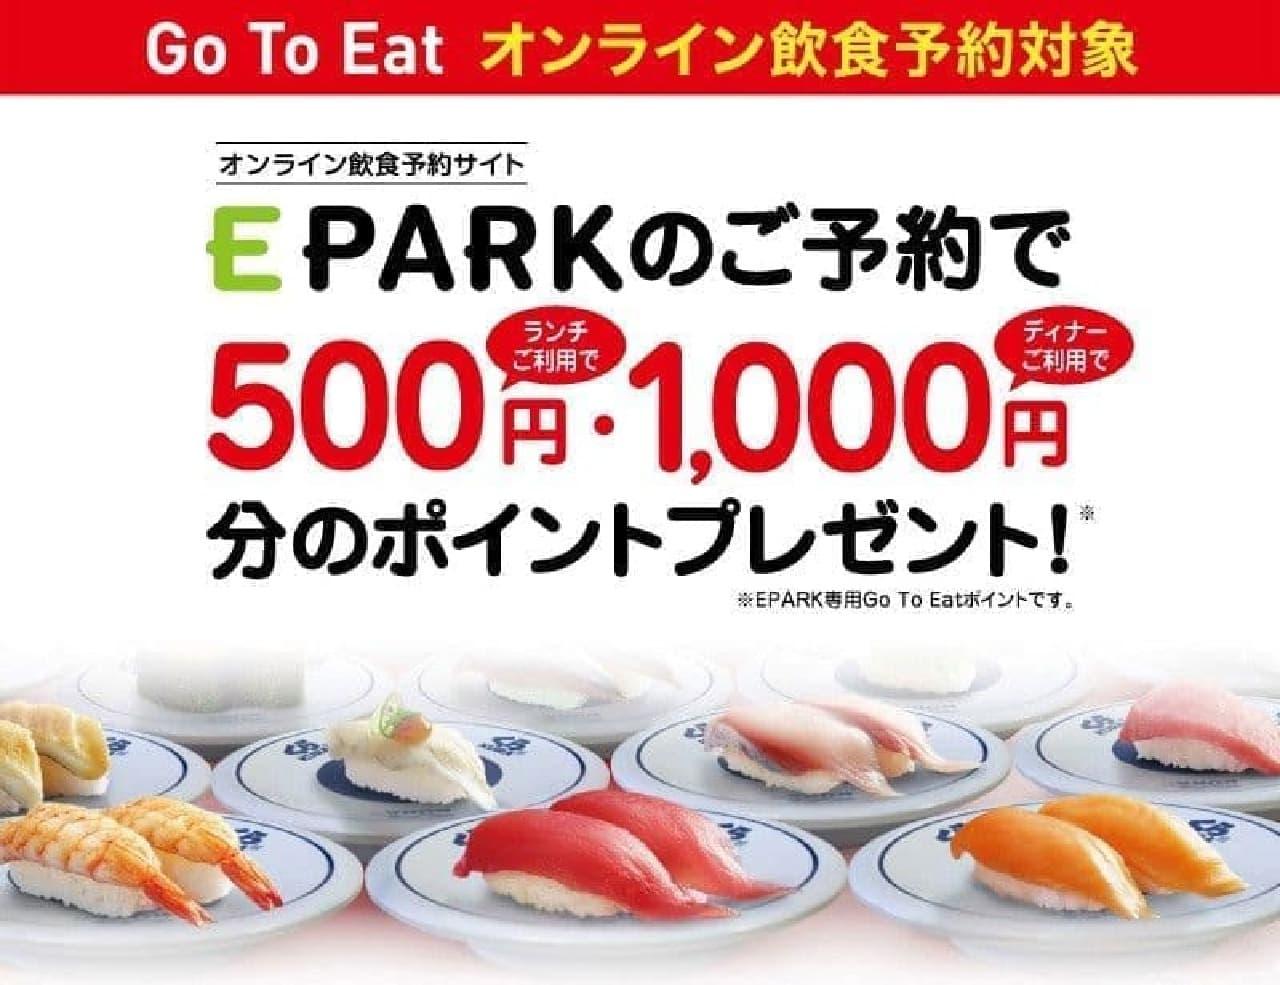 くら寿司「Go To Eatキャンペーン」